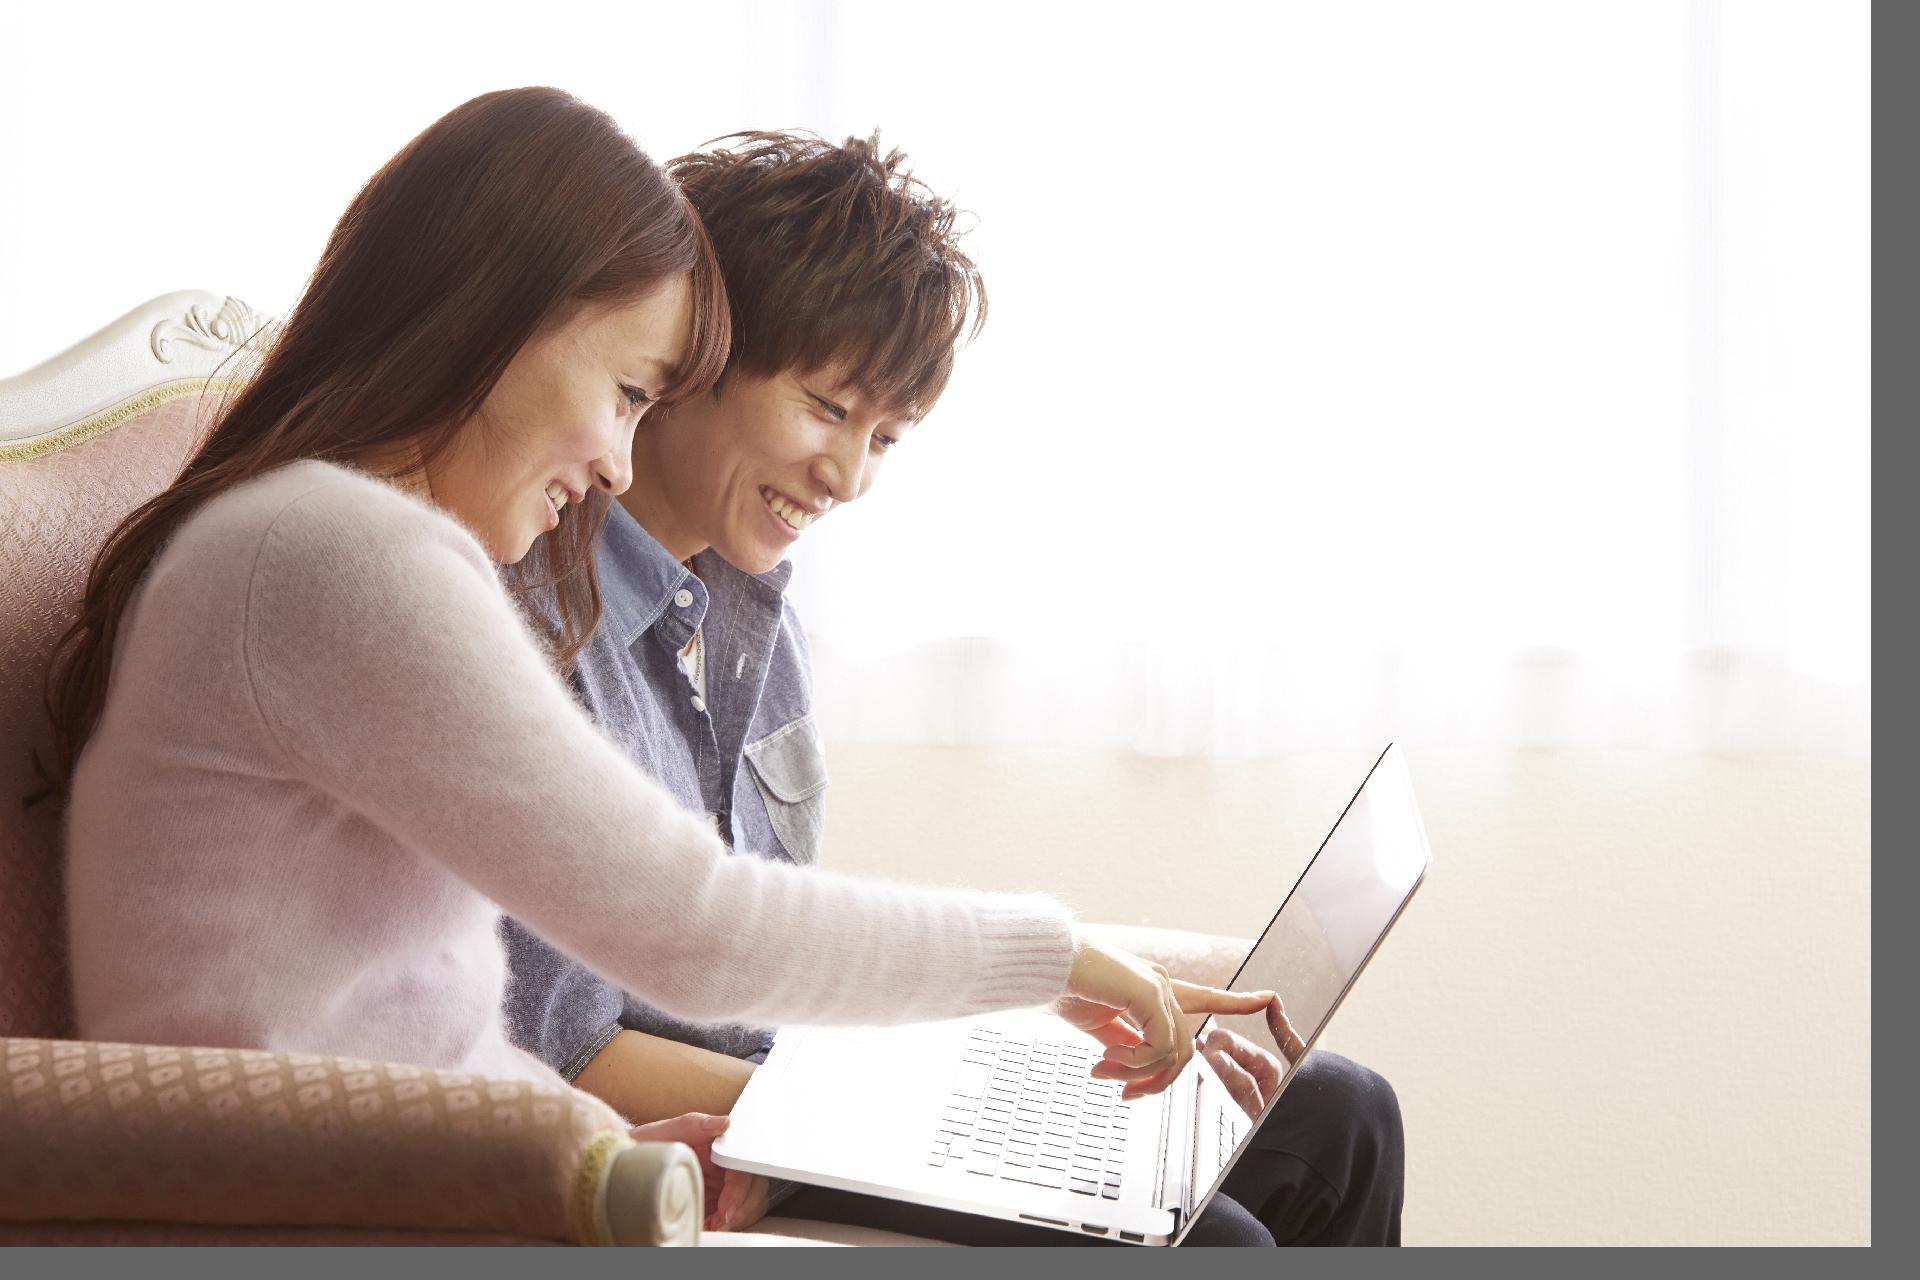 ノートパソコンを見るカップル